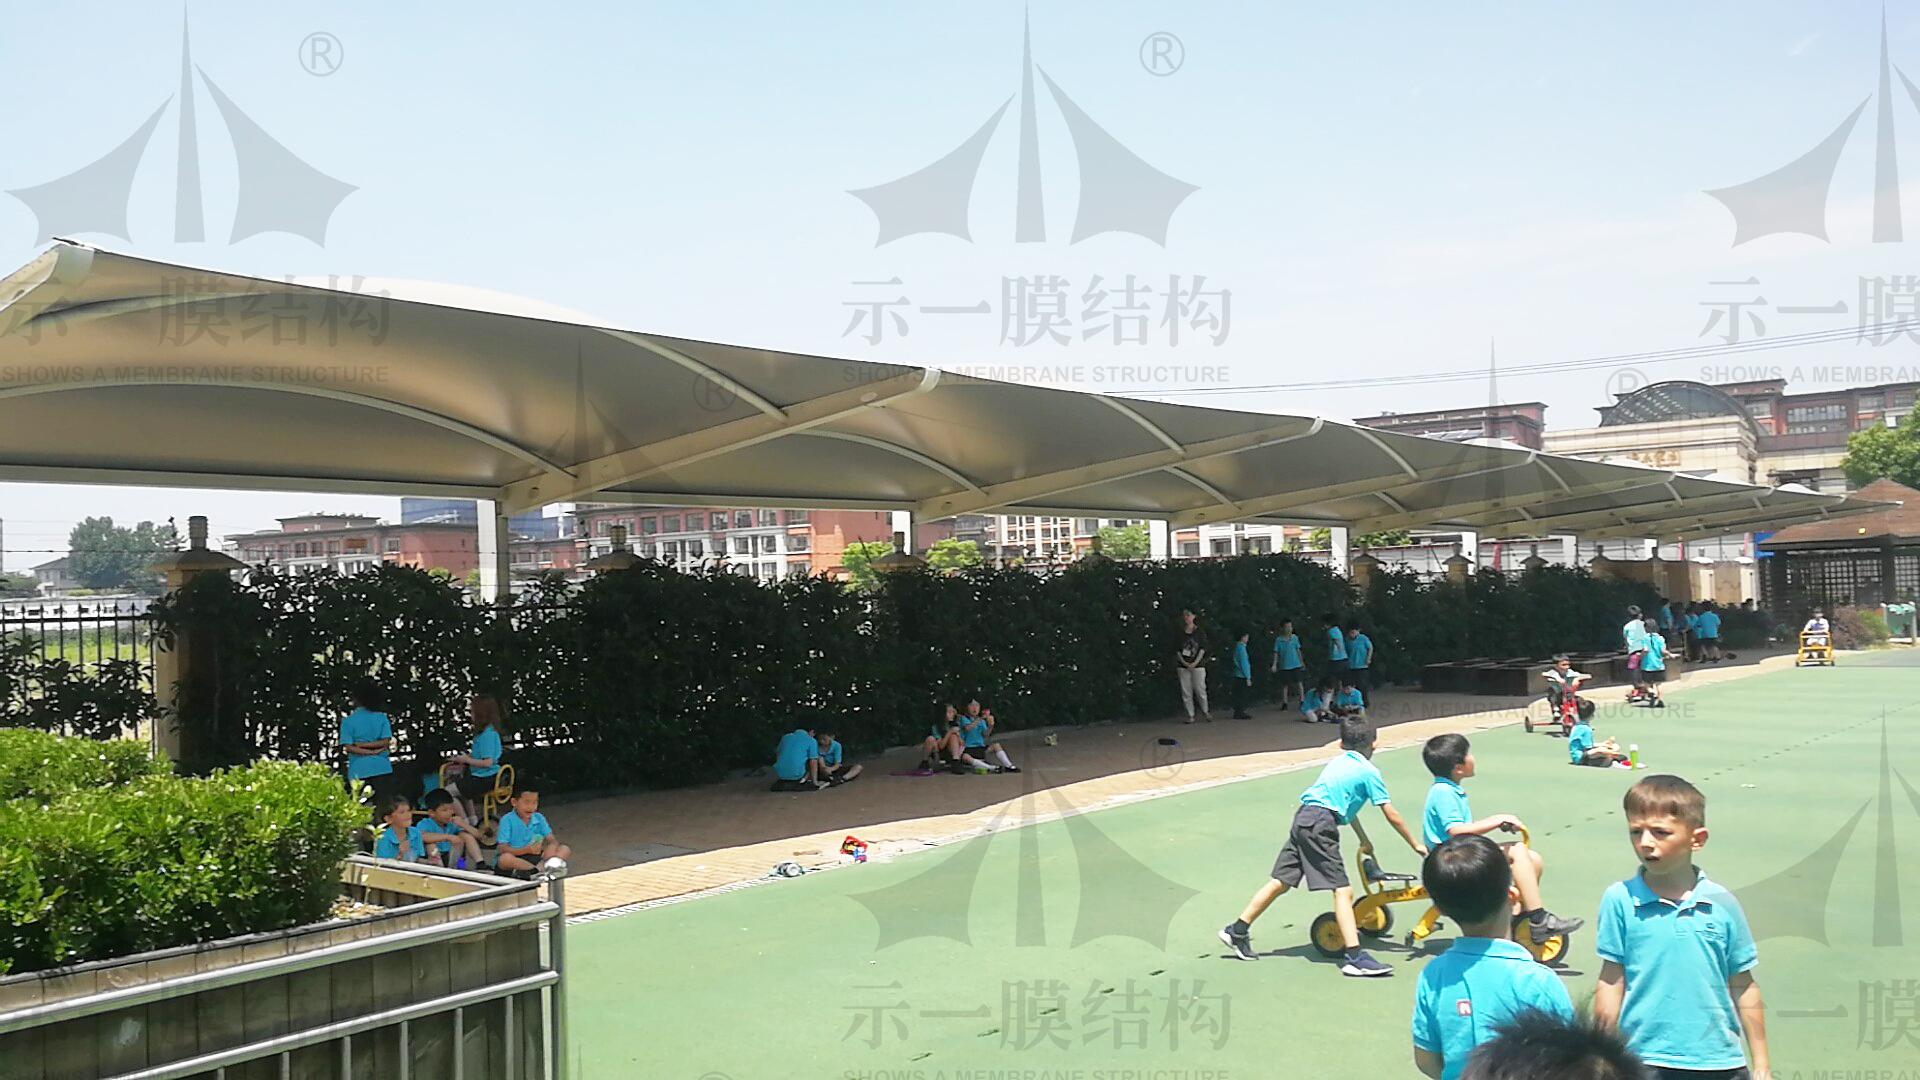 上海示一膜结构英国学校景观棚